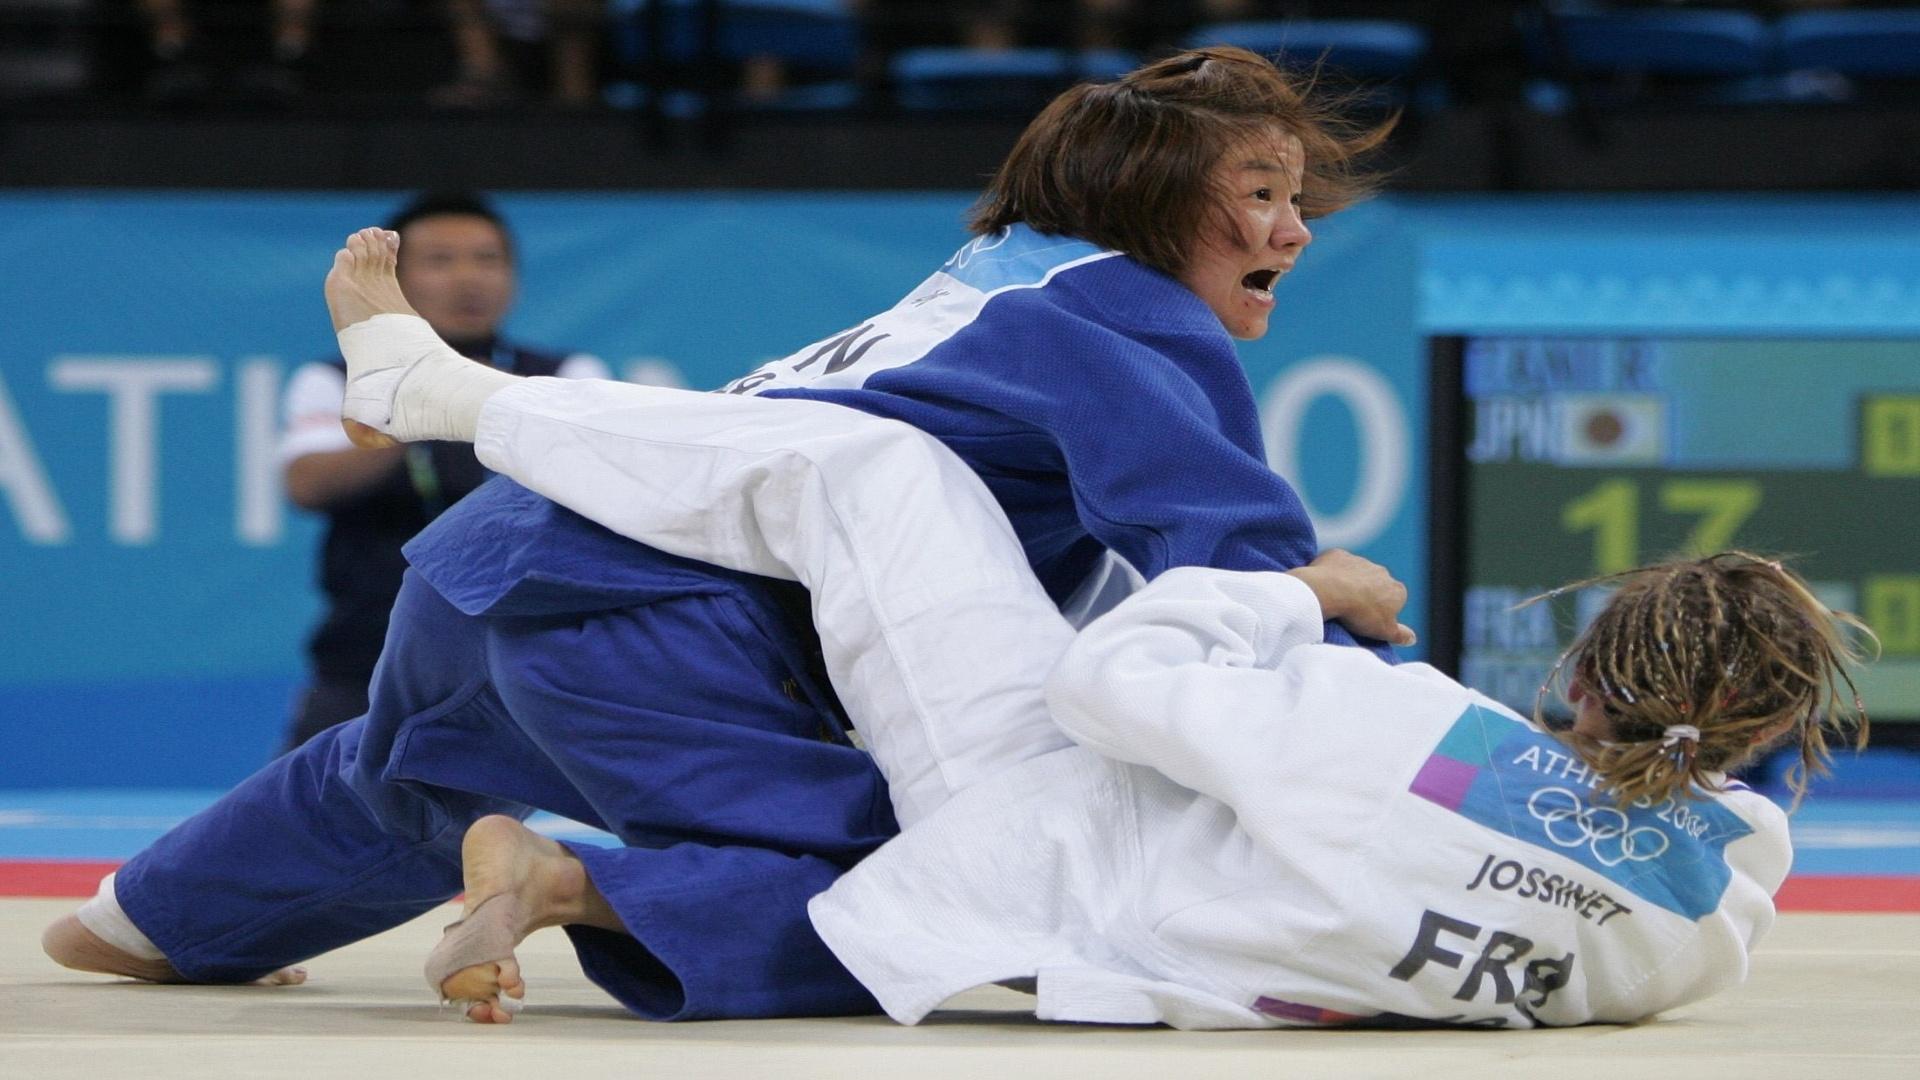 14.ago.2004 - Japonesa Ryoko Tamura Tani aplica um golpe na francesa Frederique Jossinet na disputa do judô na Olimpíada de Atenas